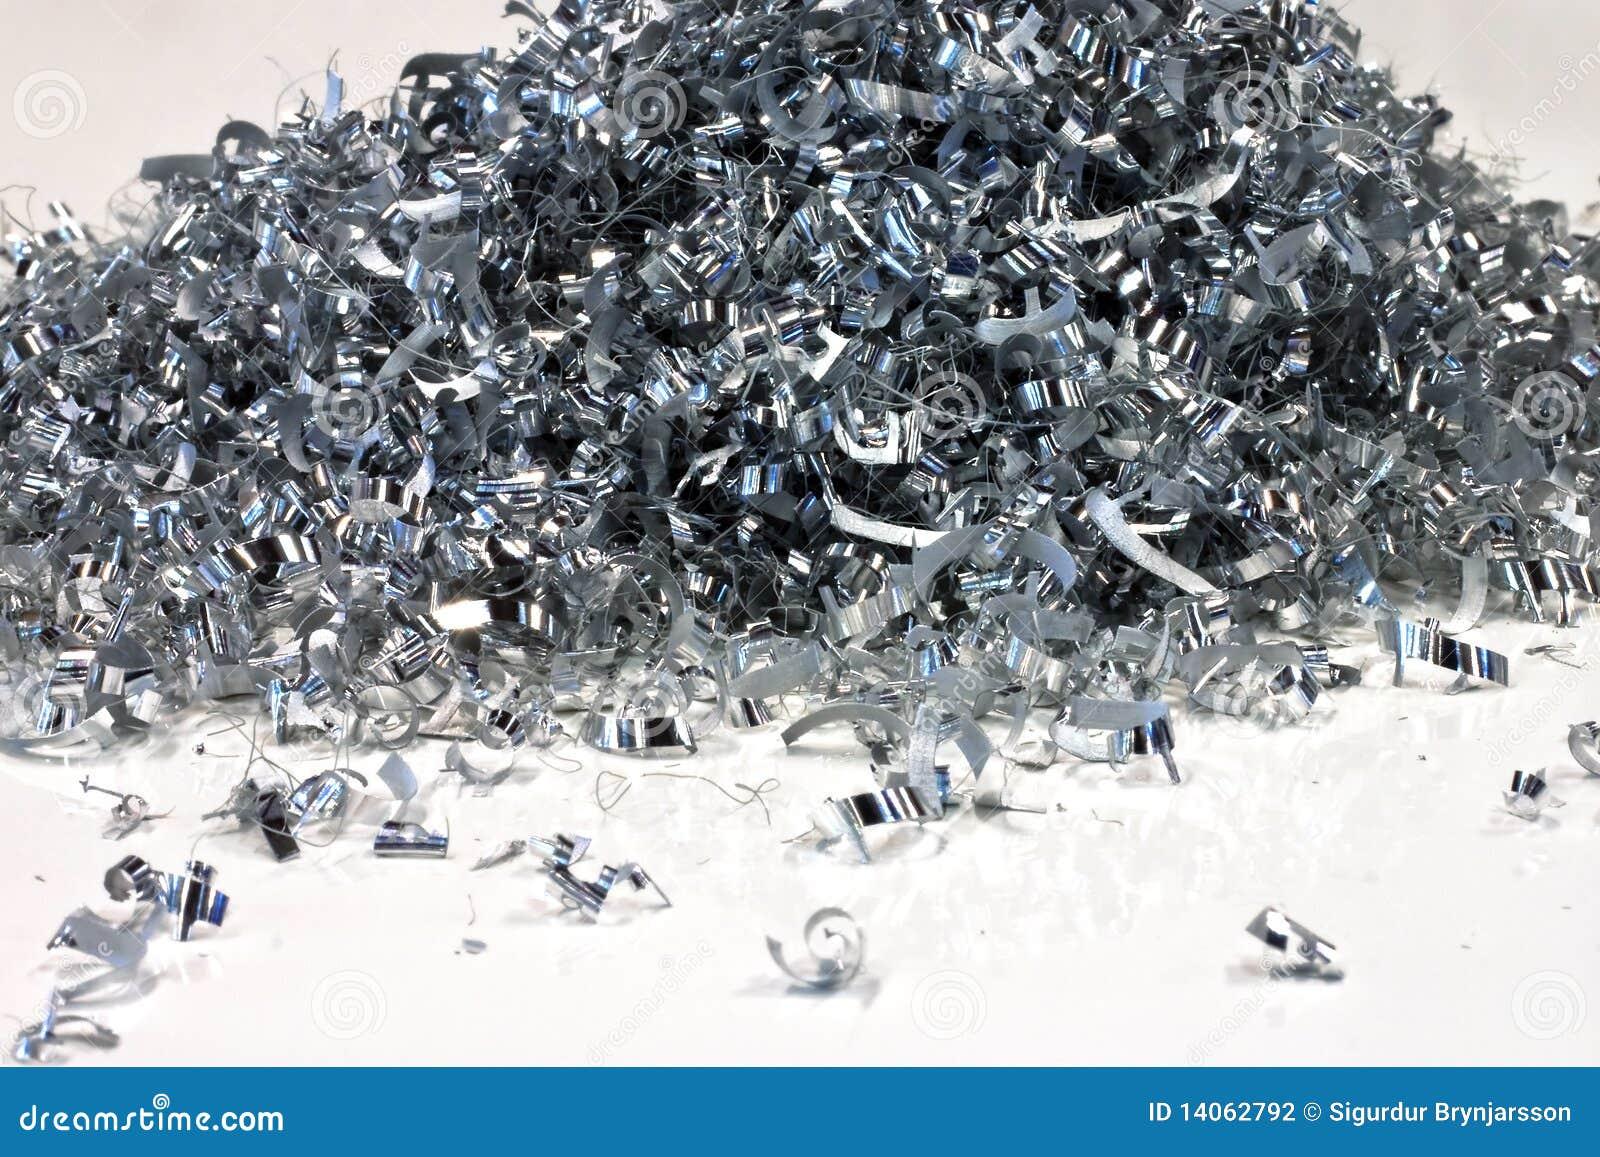 Pile of aluminium shavings